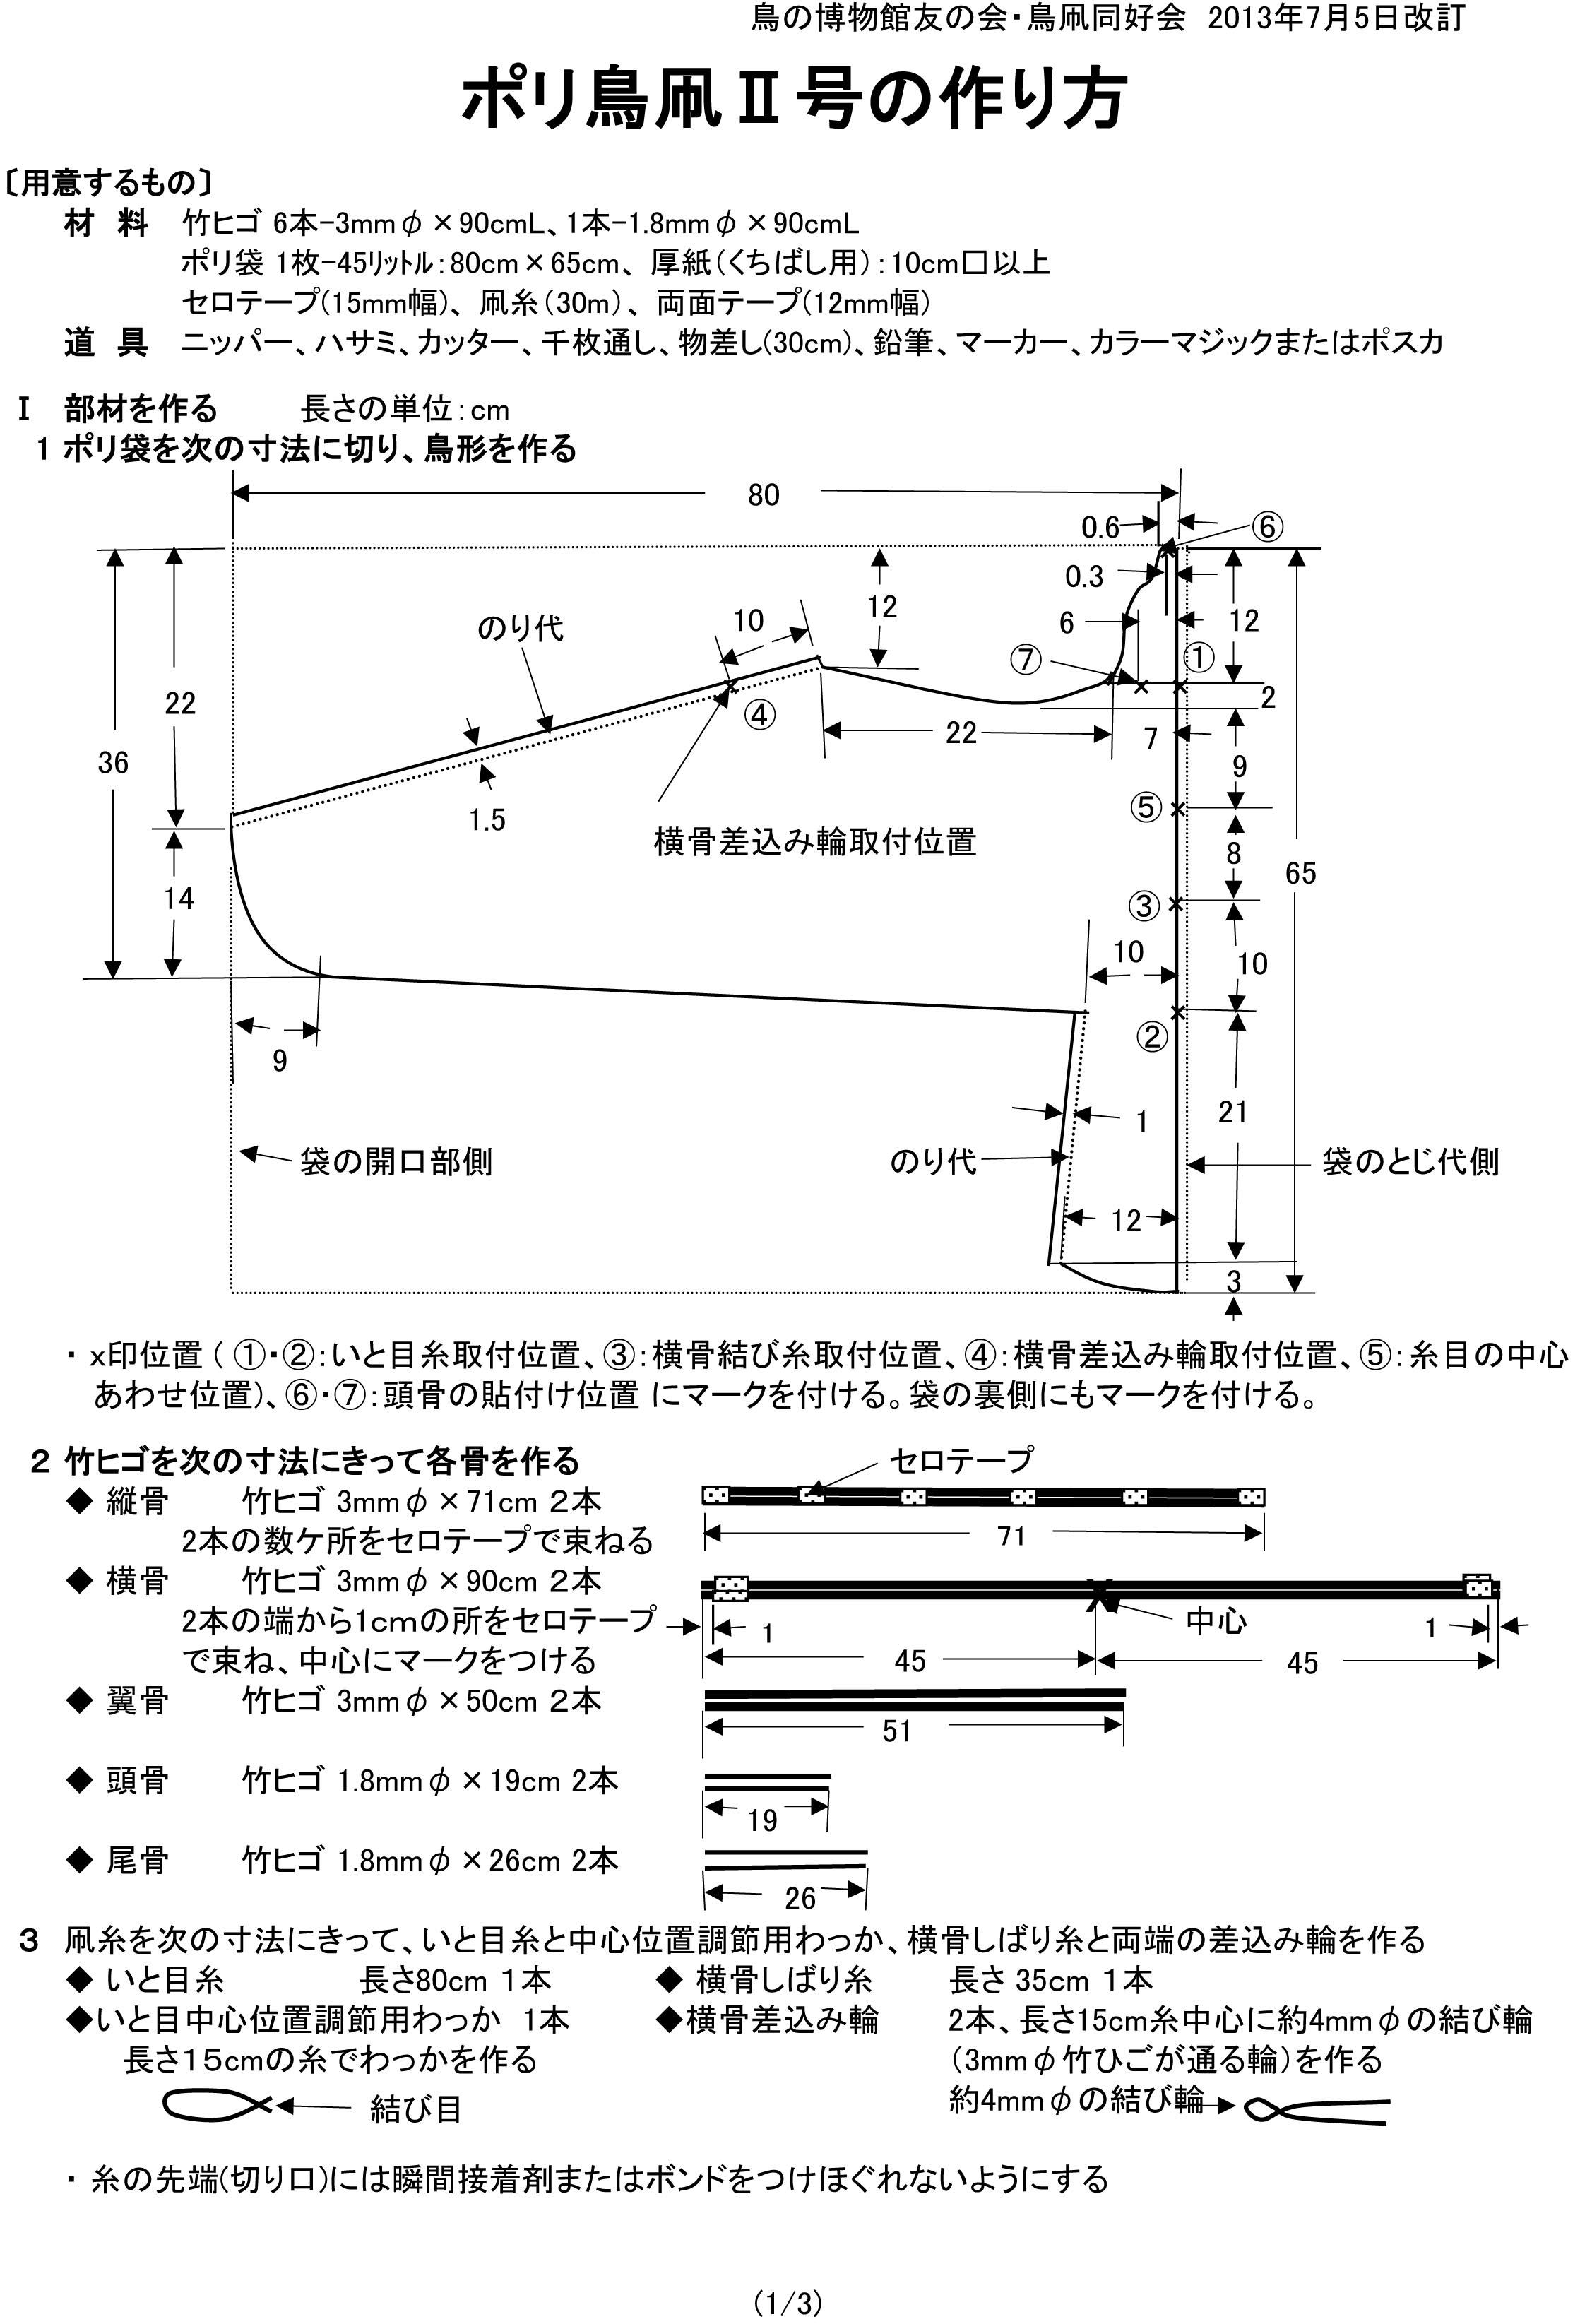 ポリ鳥凧Ⅱ号の作り方1